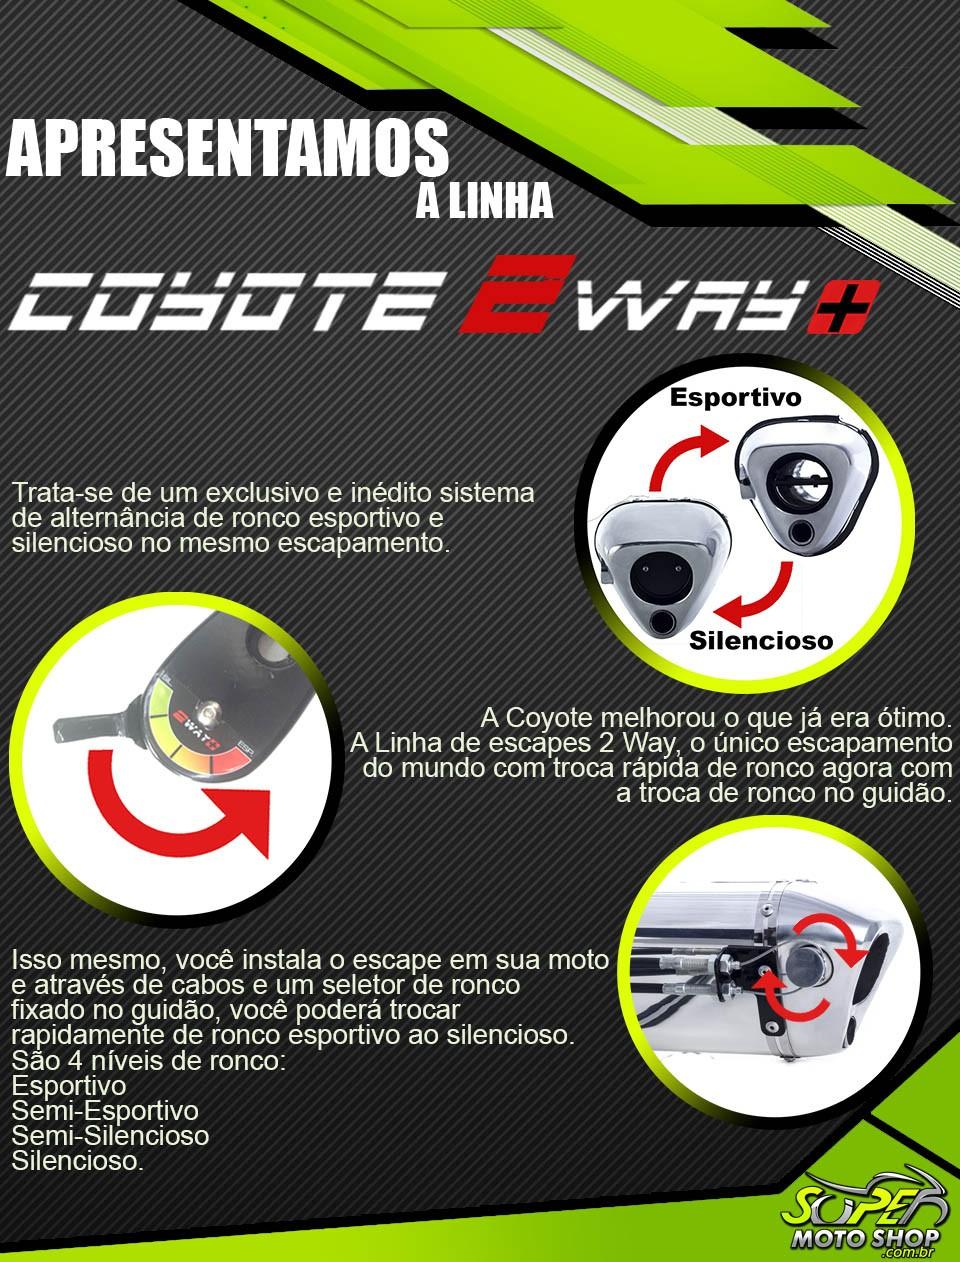 Escape / Ponteira Coyote TRS 2 Way + Mais em Alumínio - Bandit 650 até 2008 - Suzuki